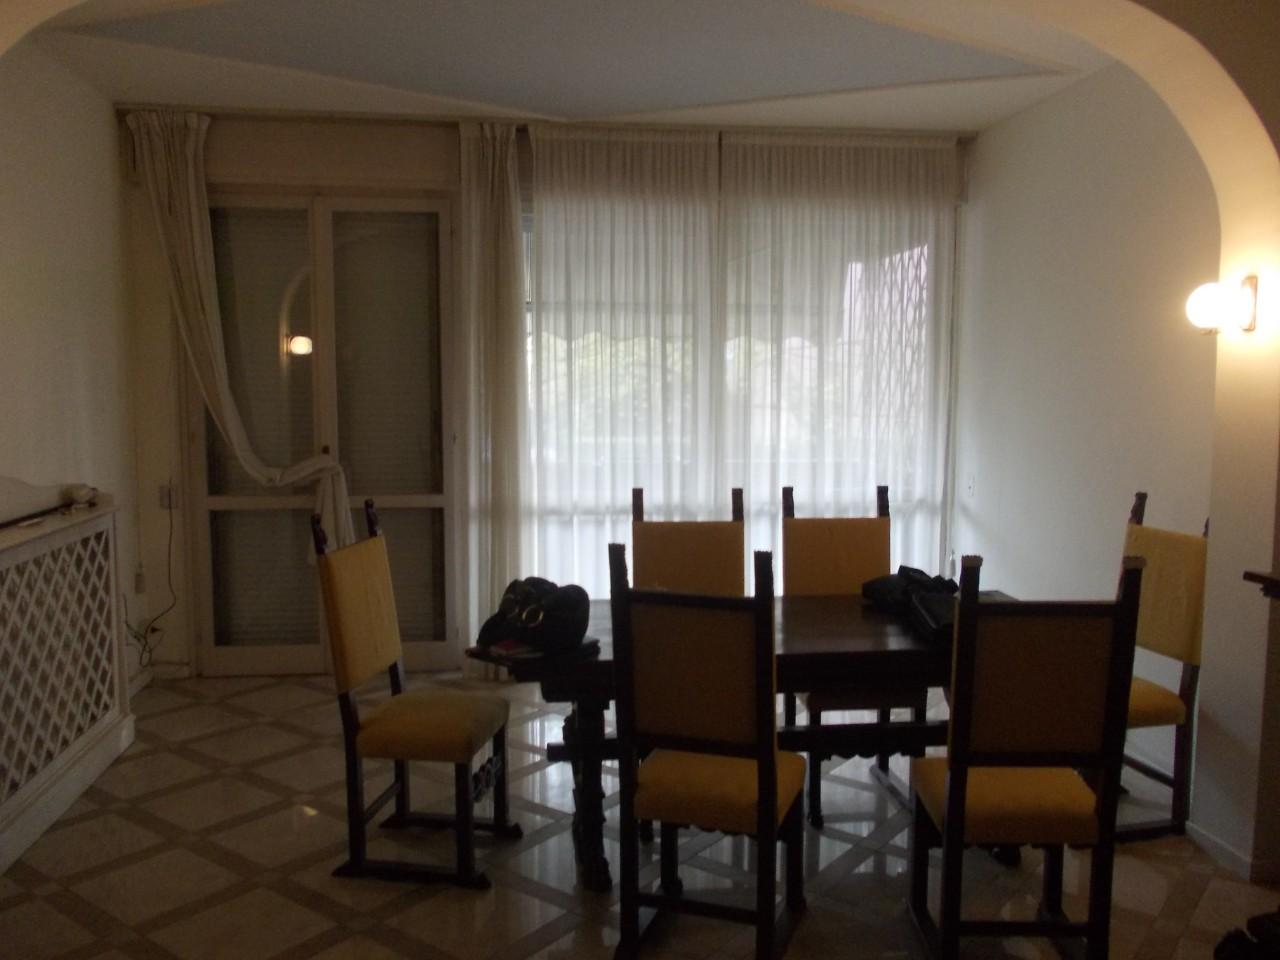 Appartamento in vendita Ravenna Zona Nullo Baldini